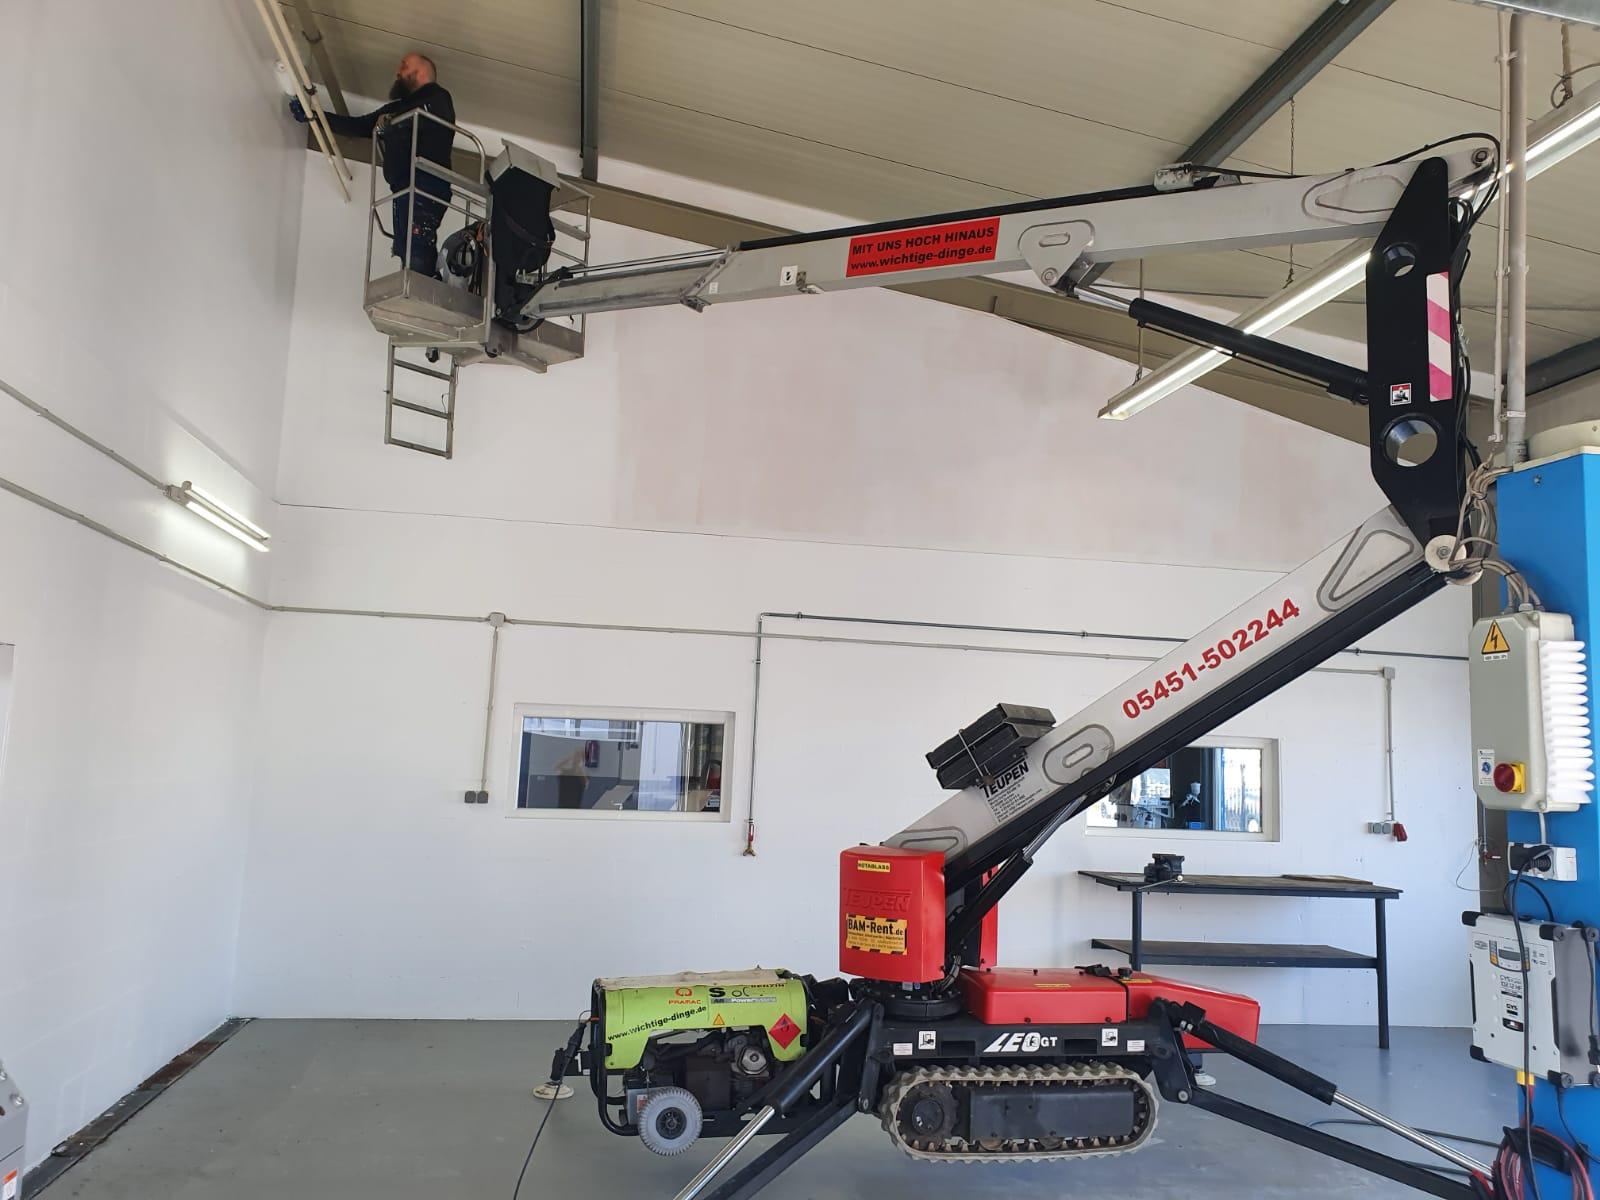 Arbeitsbühne mit einer Durchfahrtsbreite von 0,8m mieten, Hubsteiger verleih in Ibbenbüren, Osnabrück oder Rheine